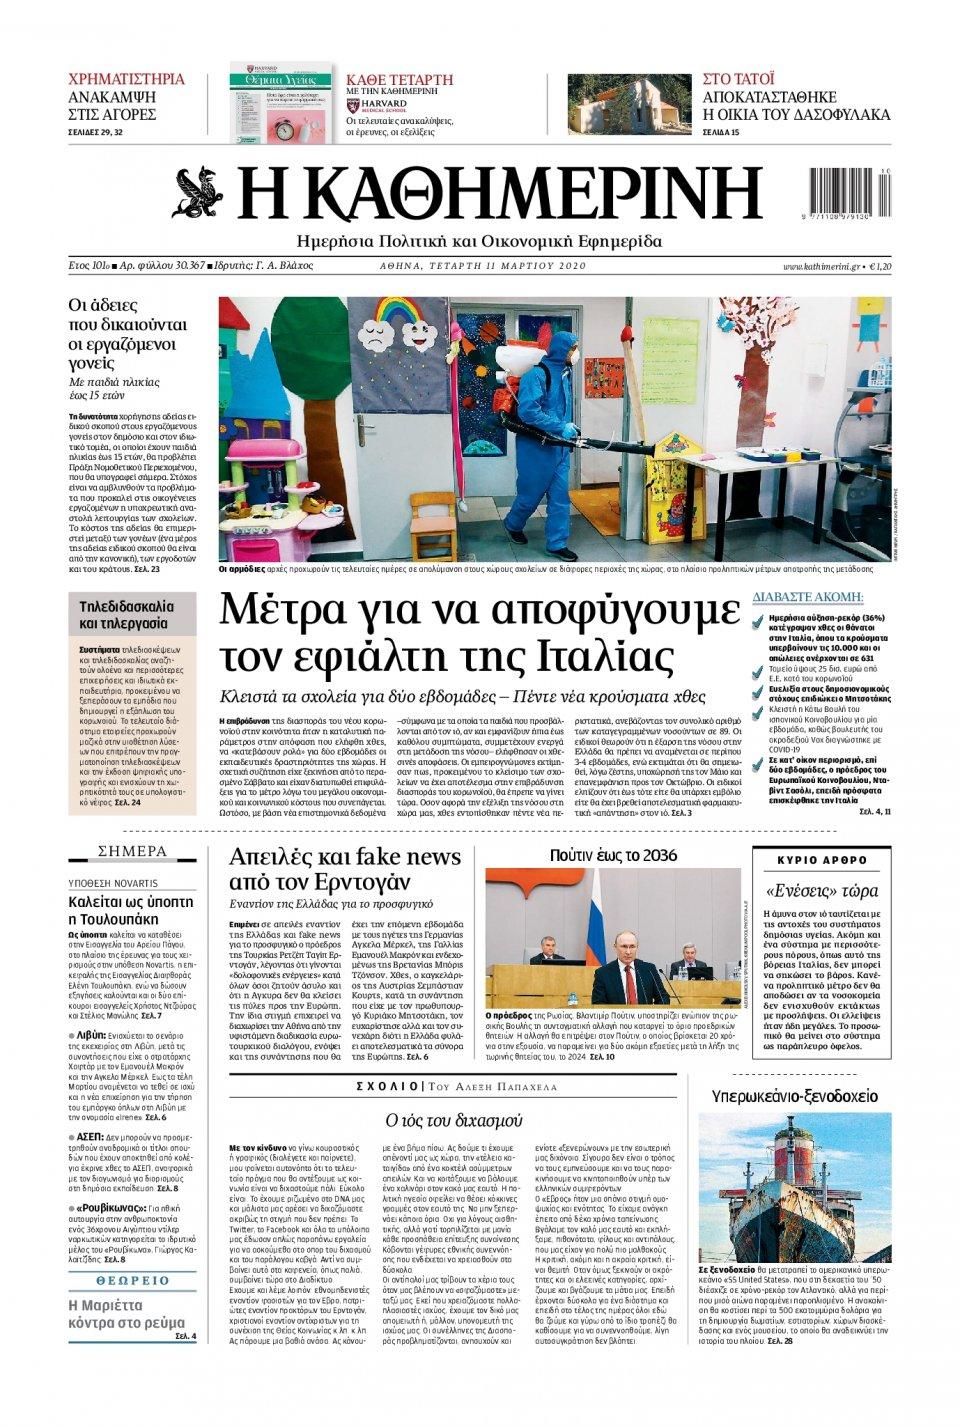 Πρωτοσέλιδο Εφημερίδας - Καθημερινή - 2020-03-11